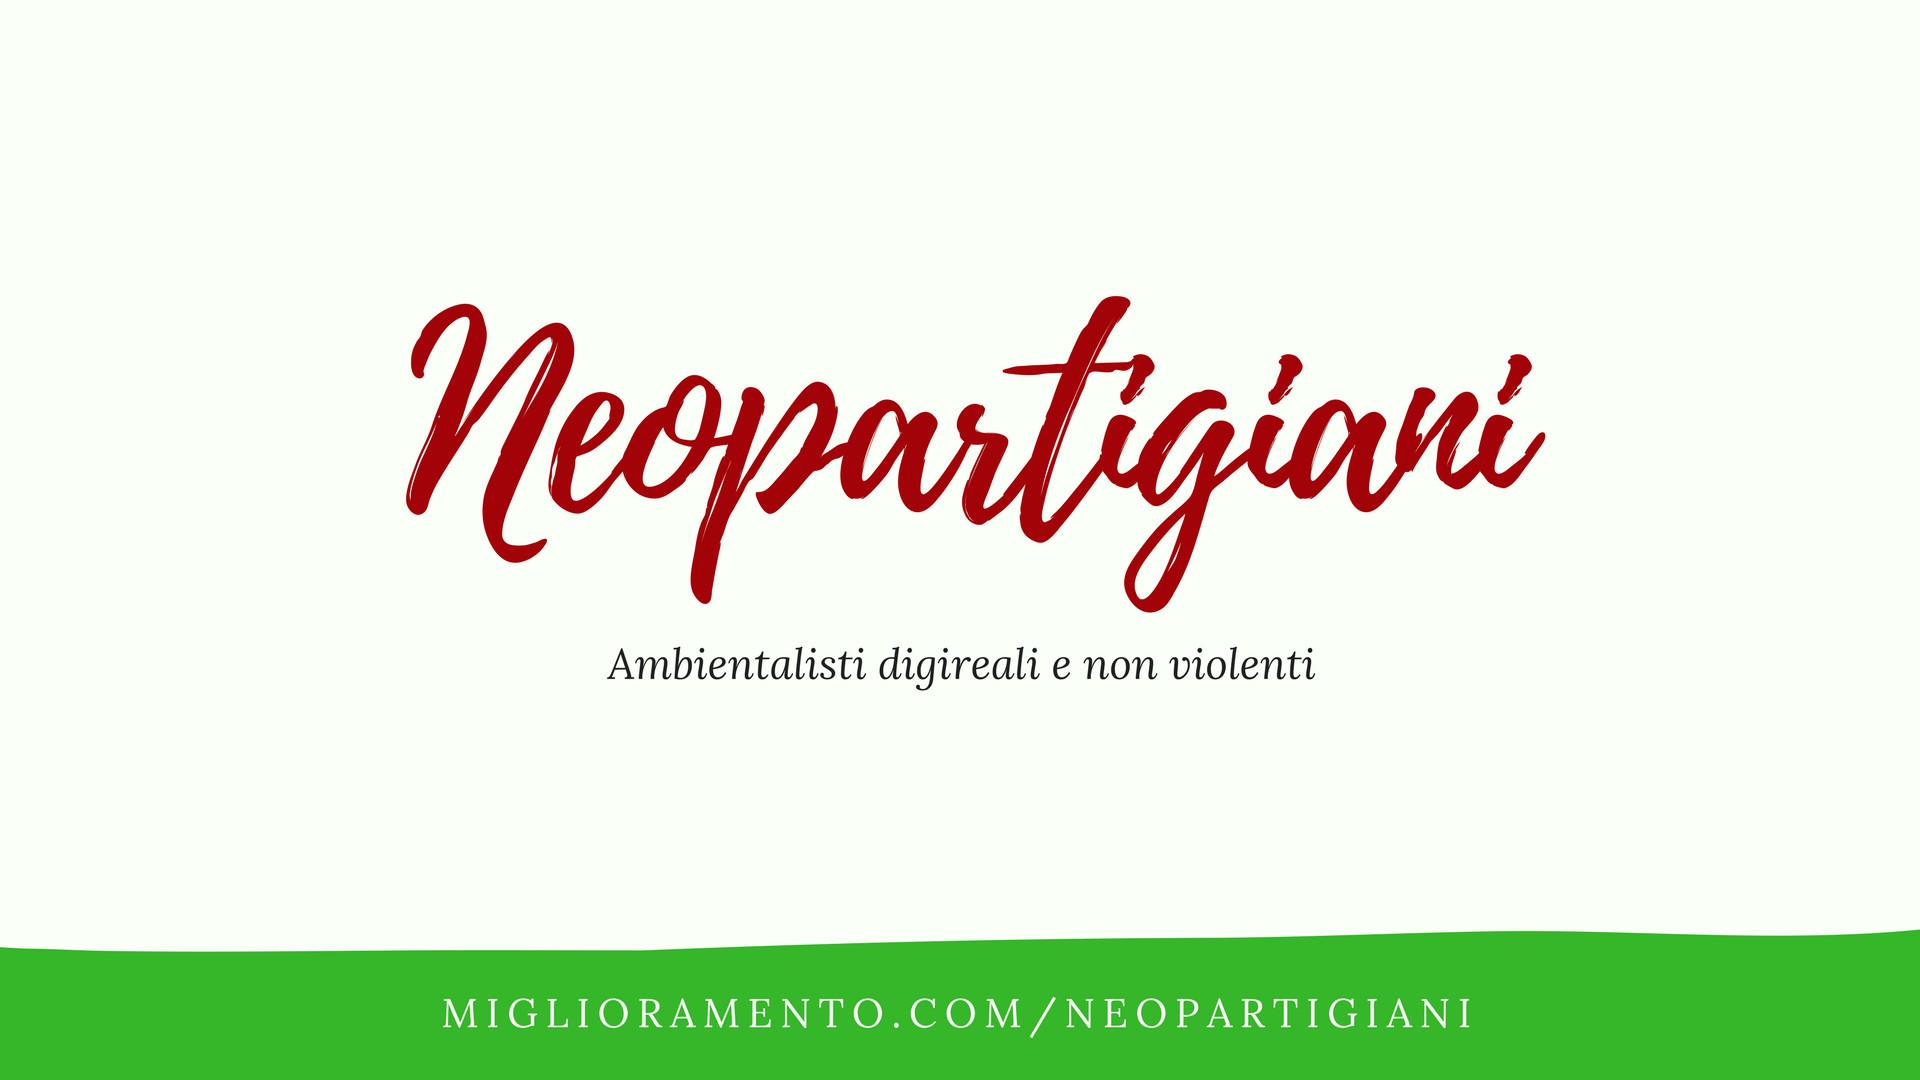 neiopartigiani